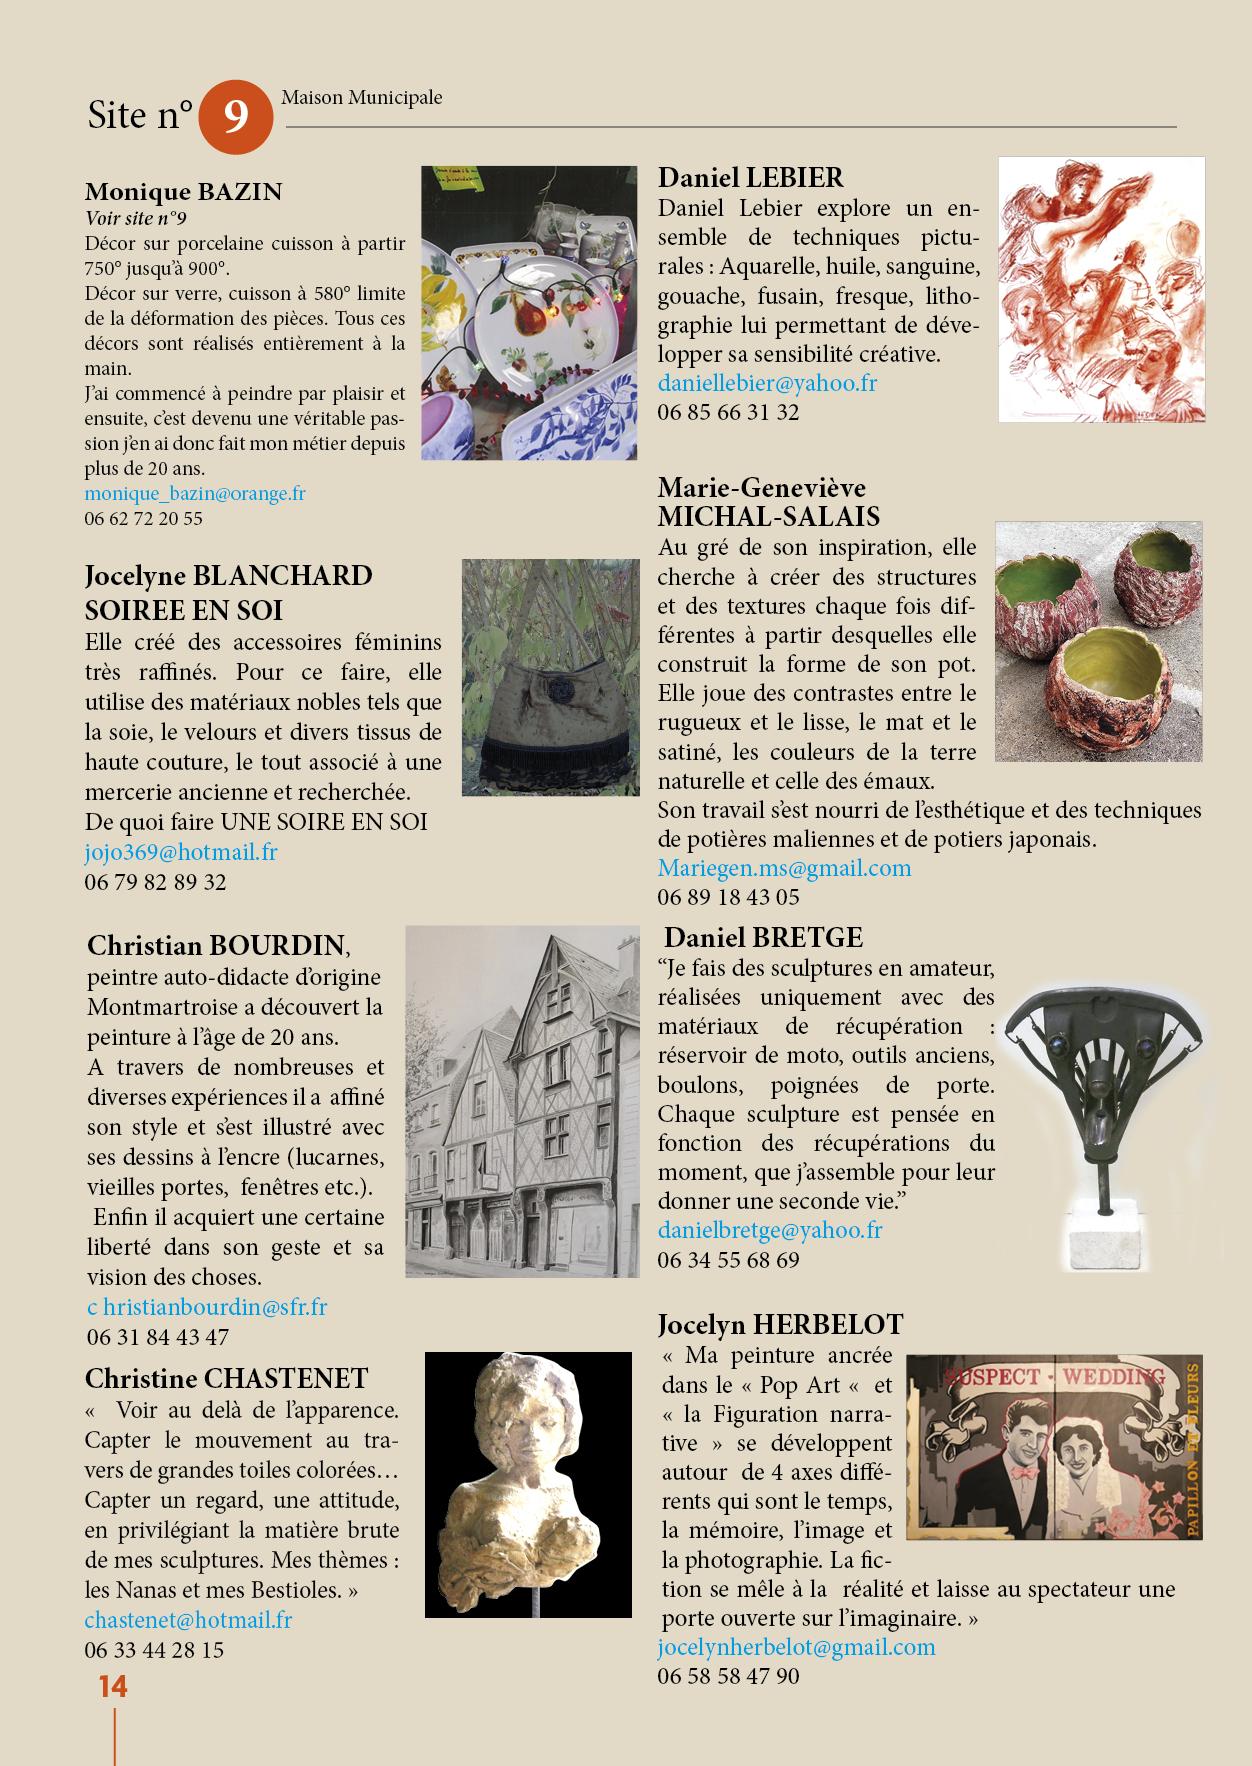 l-art-et-lard/16-pages-l-art-et-lard-2019-p14.jpg